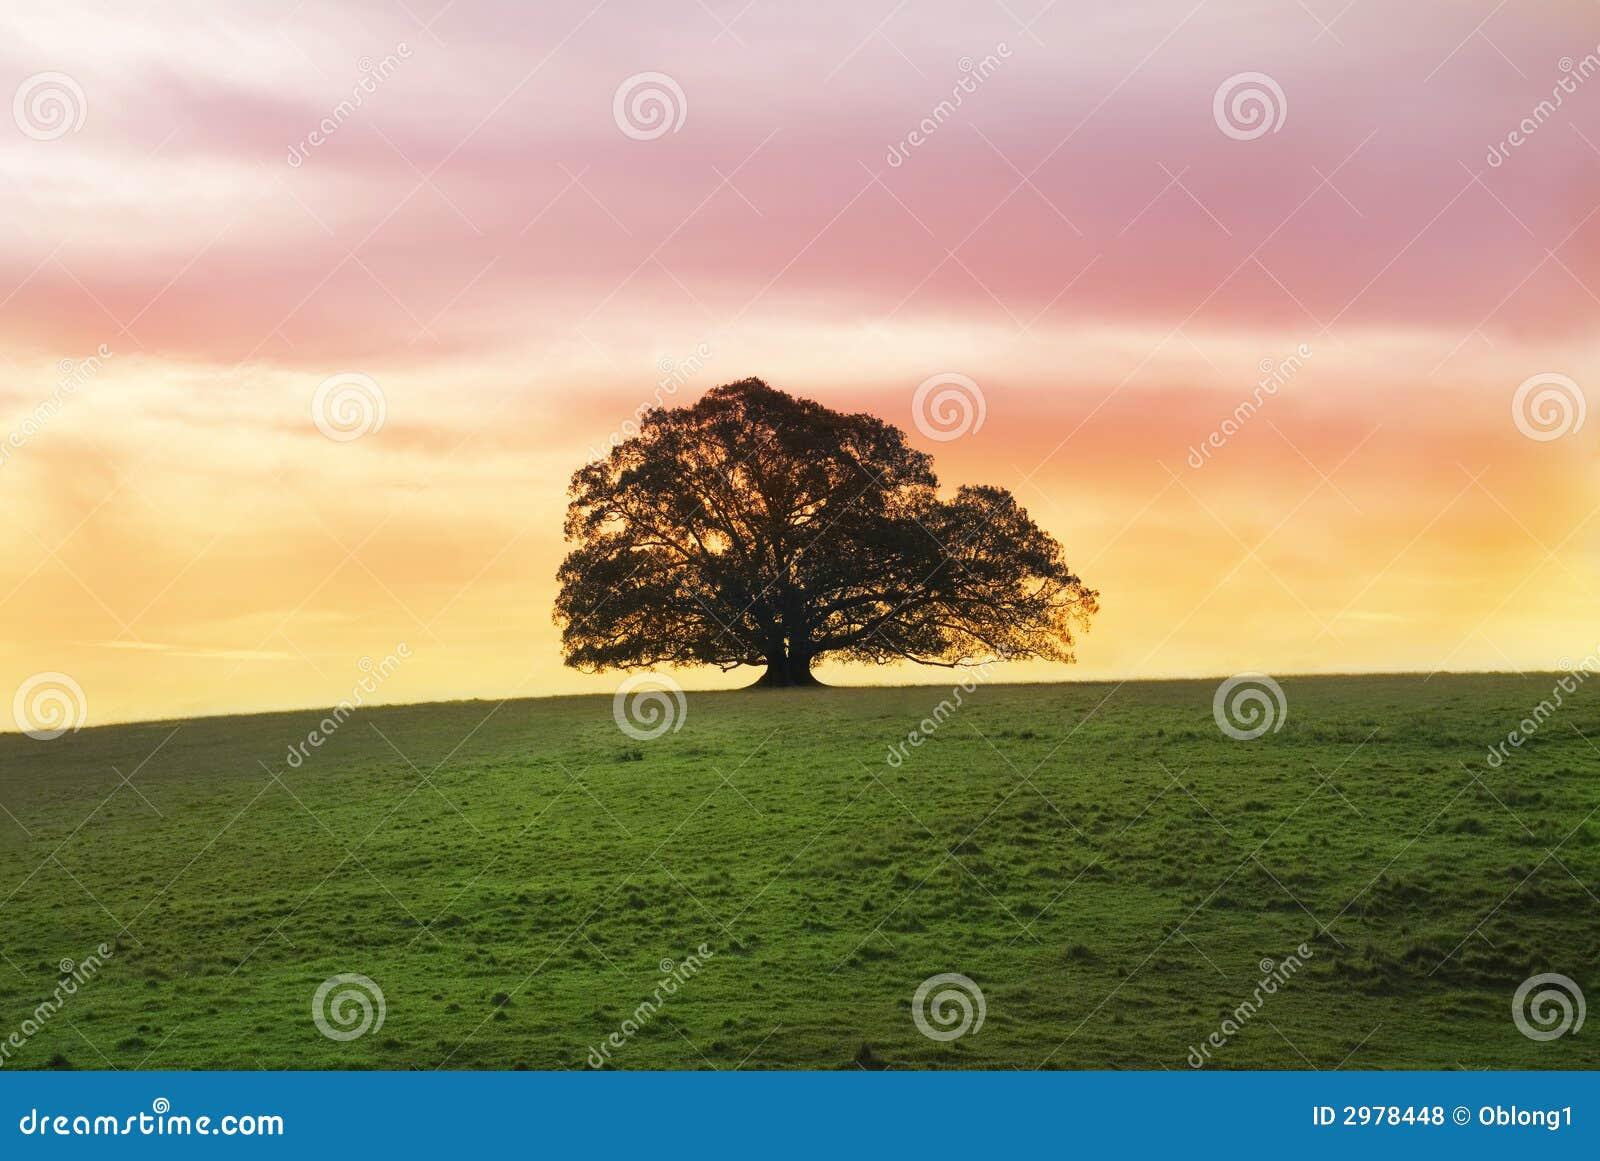 Enige Vijgeboom alleen op gebied